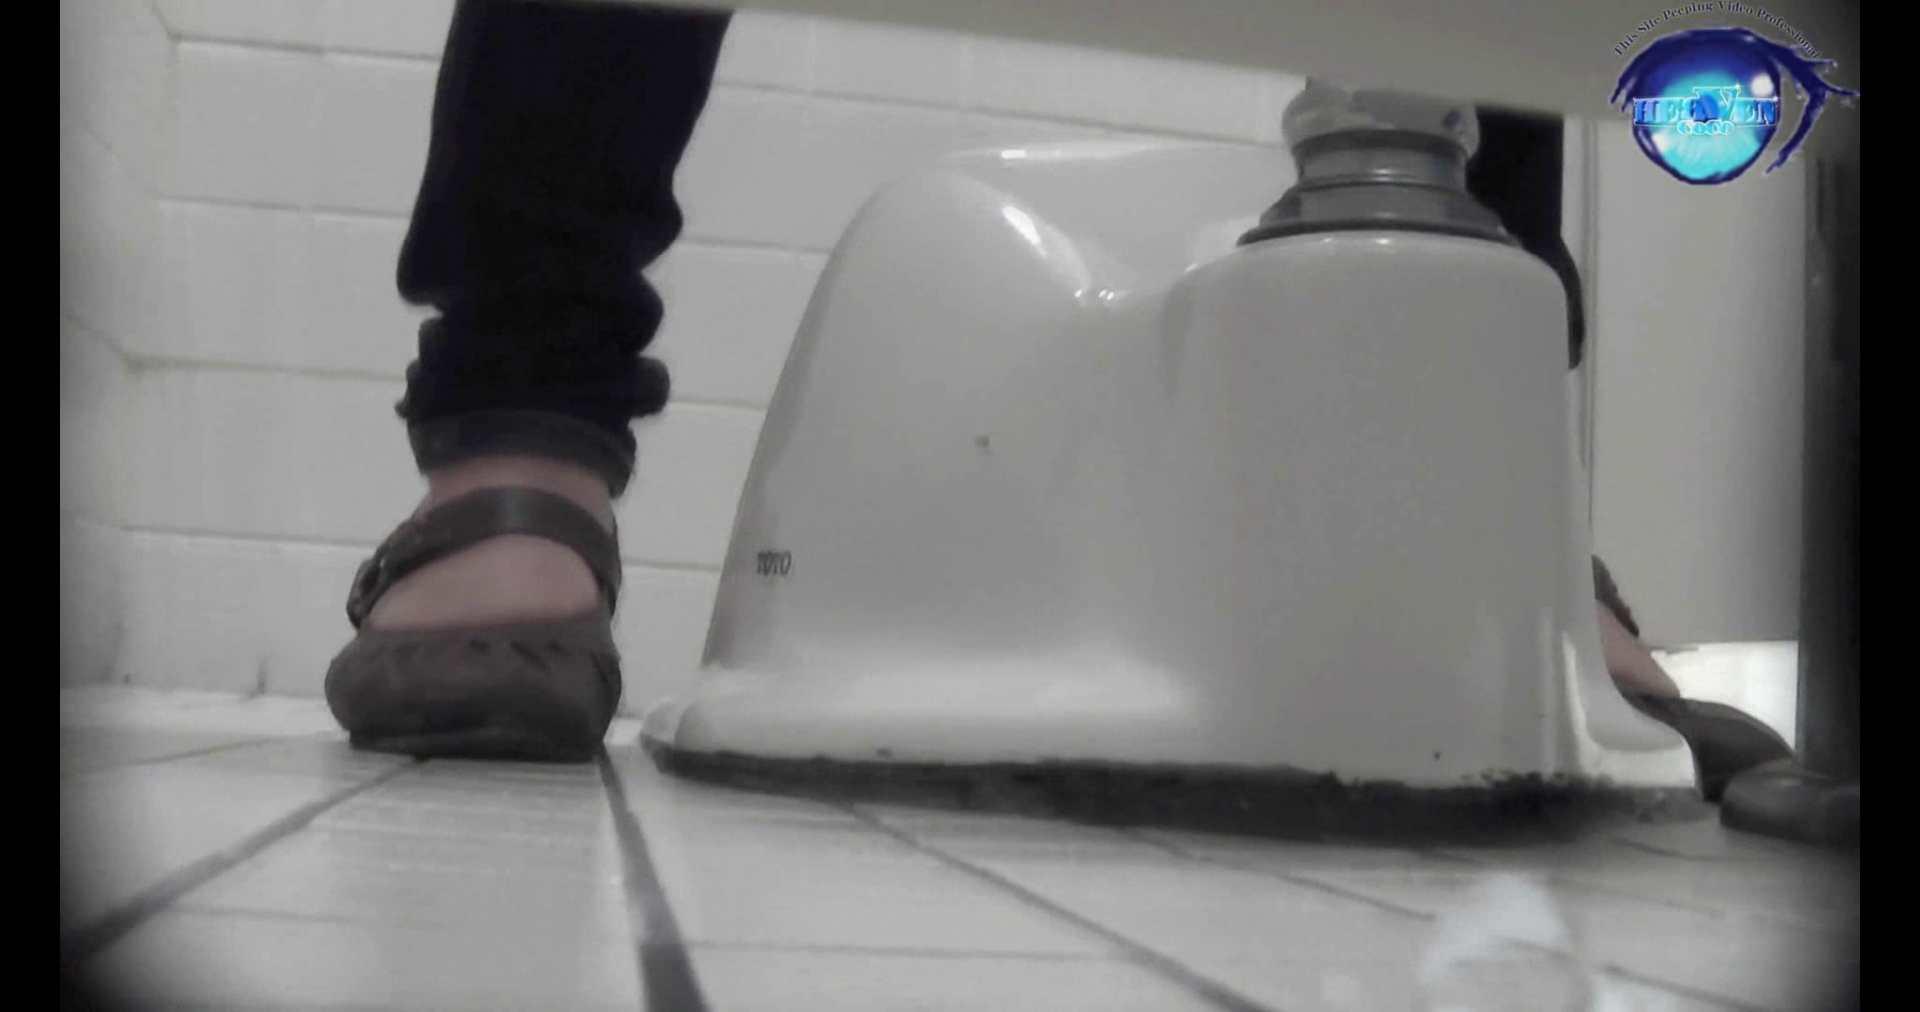 お銀さんの洗面所突入レポート!!vol.72 あのかわいい子がついフロント撮り実演 洗面所編 | バックショット  100PIX 9